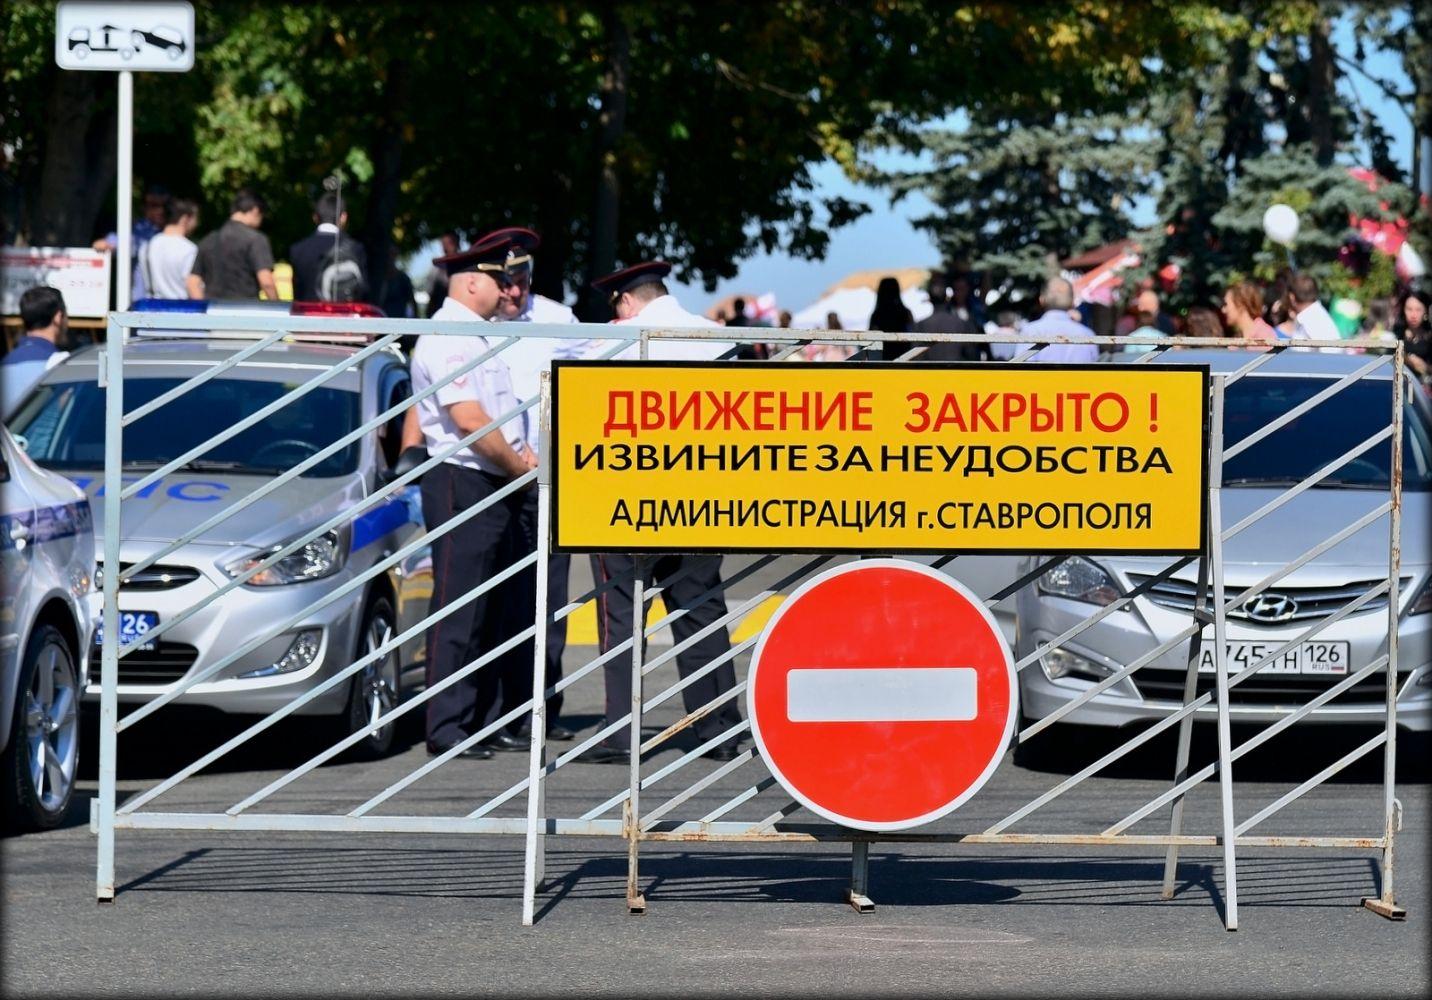 Мэрия Ставрополя опубликовала схему ограничения движения по городу на 9 мая